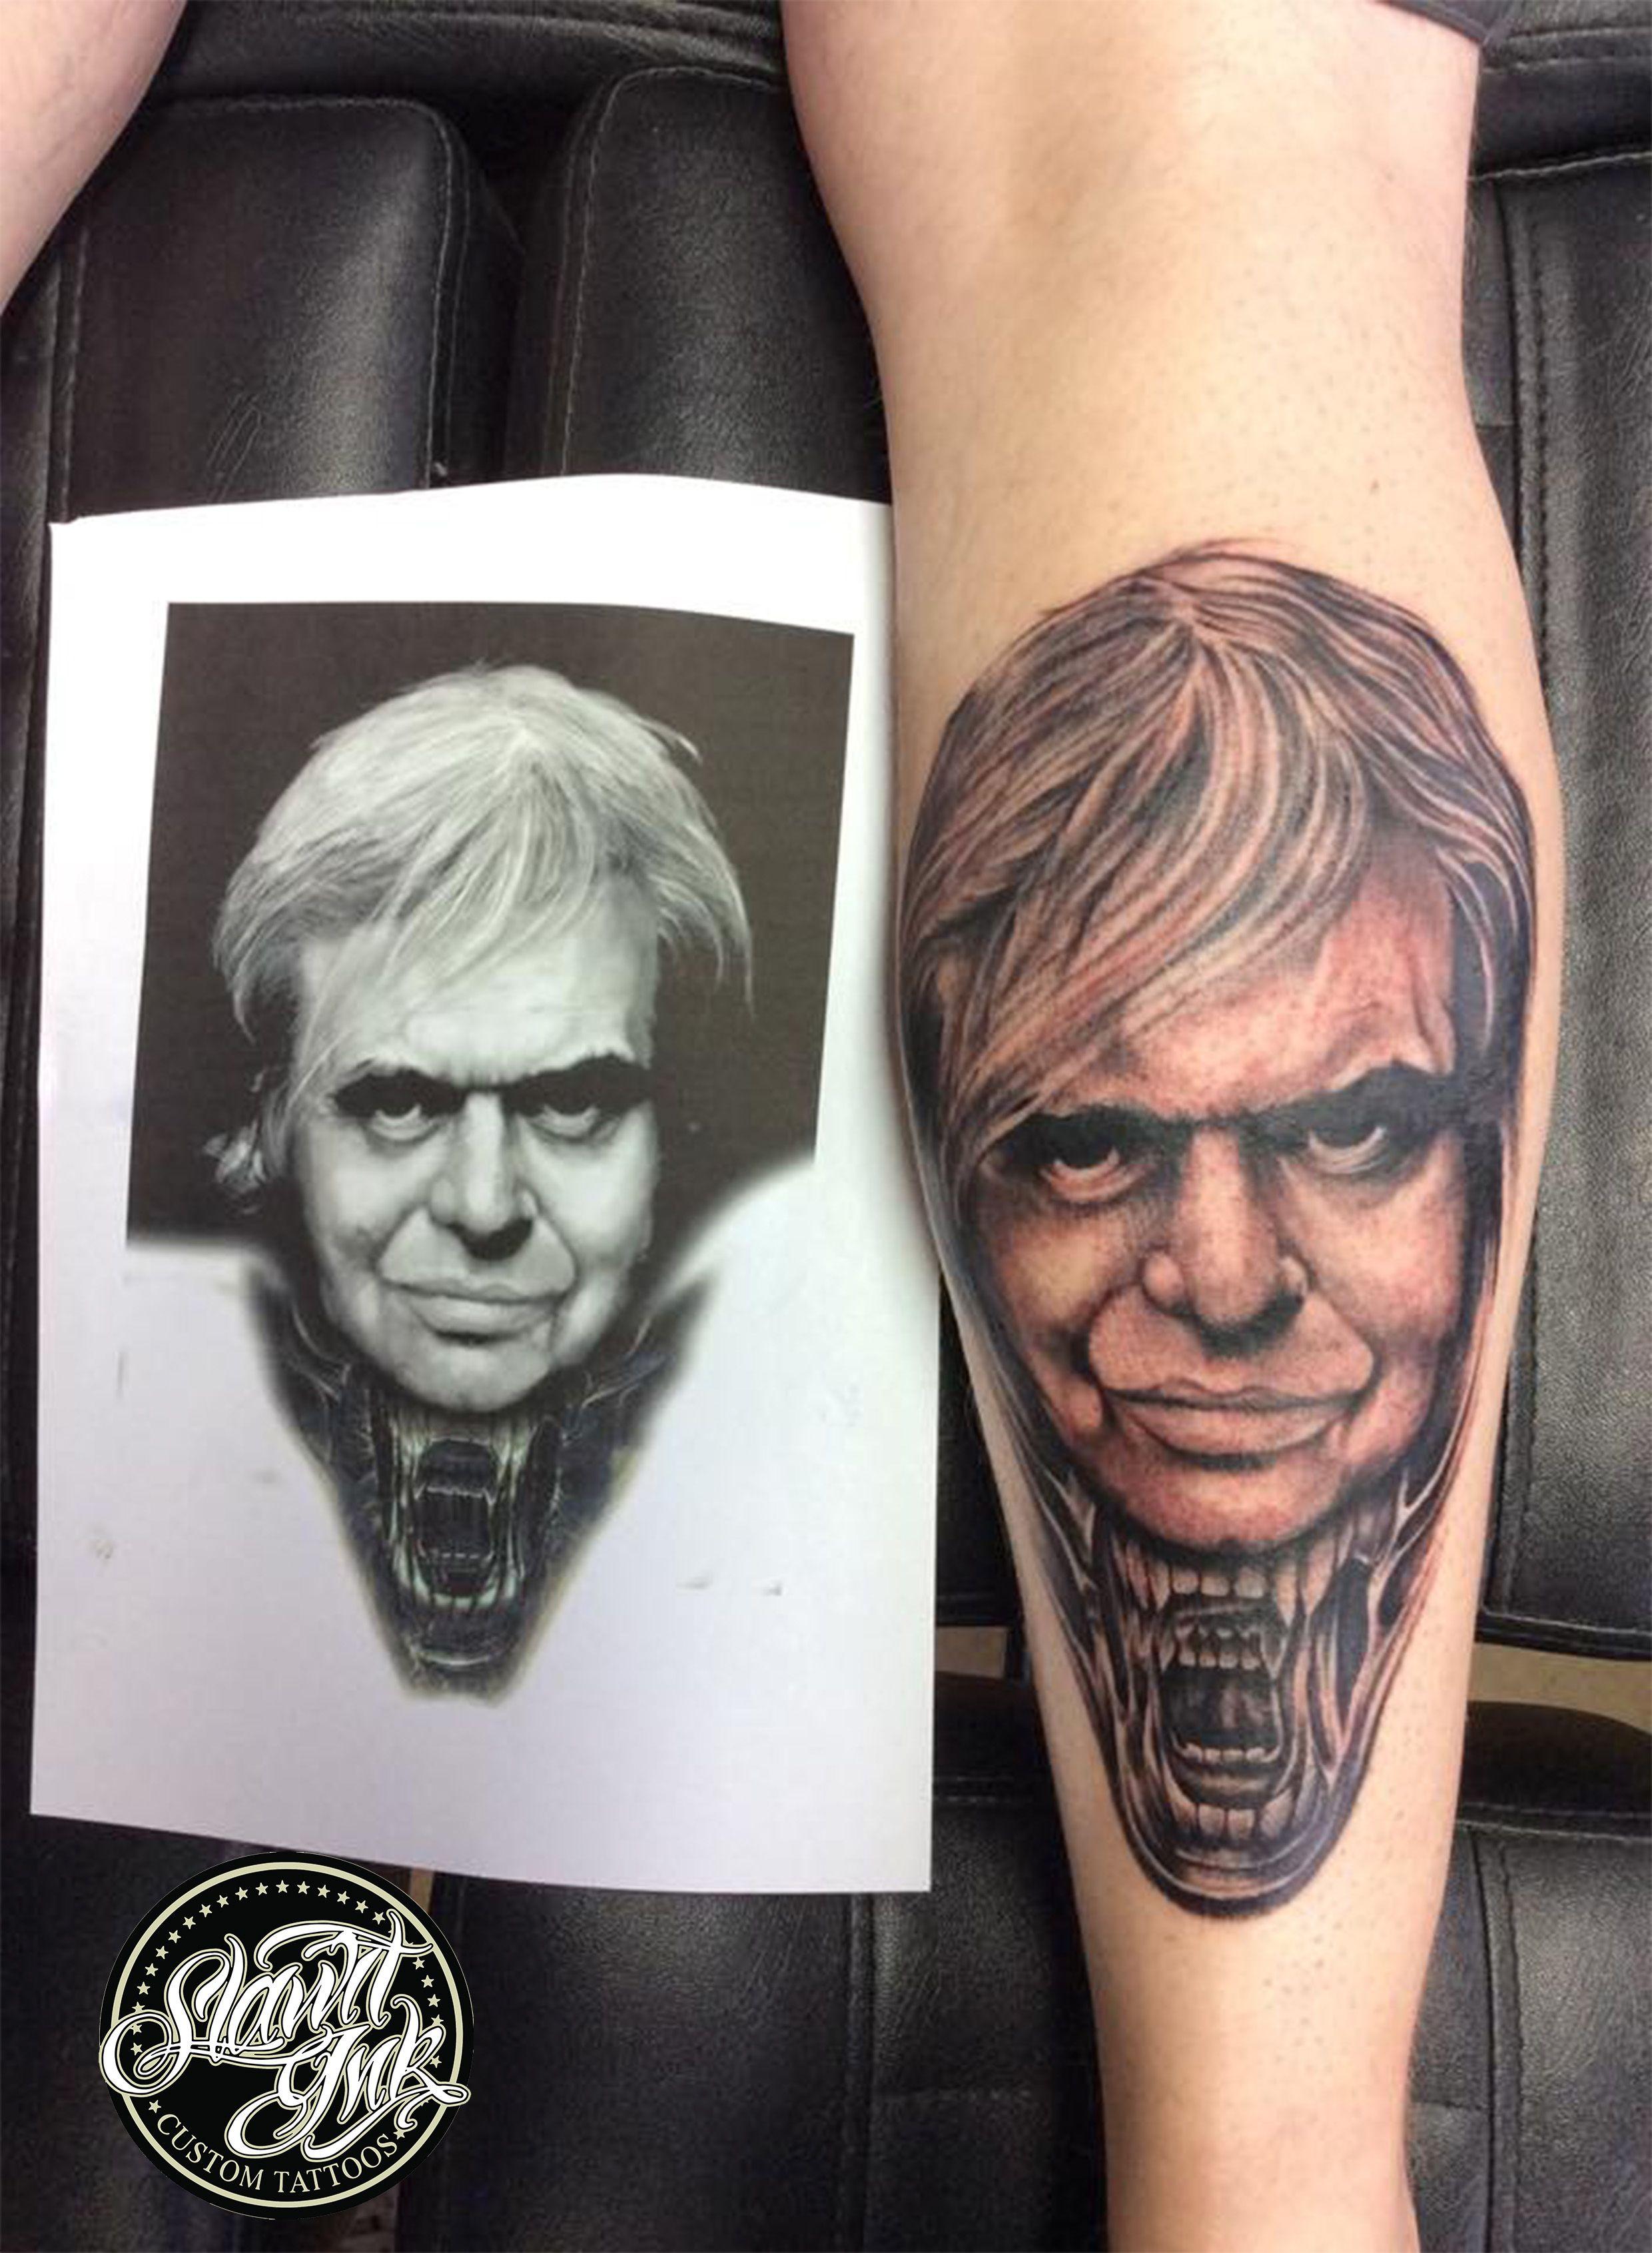 Hr giger tattoo designs - Hr Giger Portrait